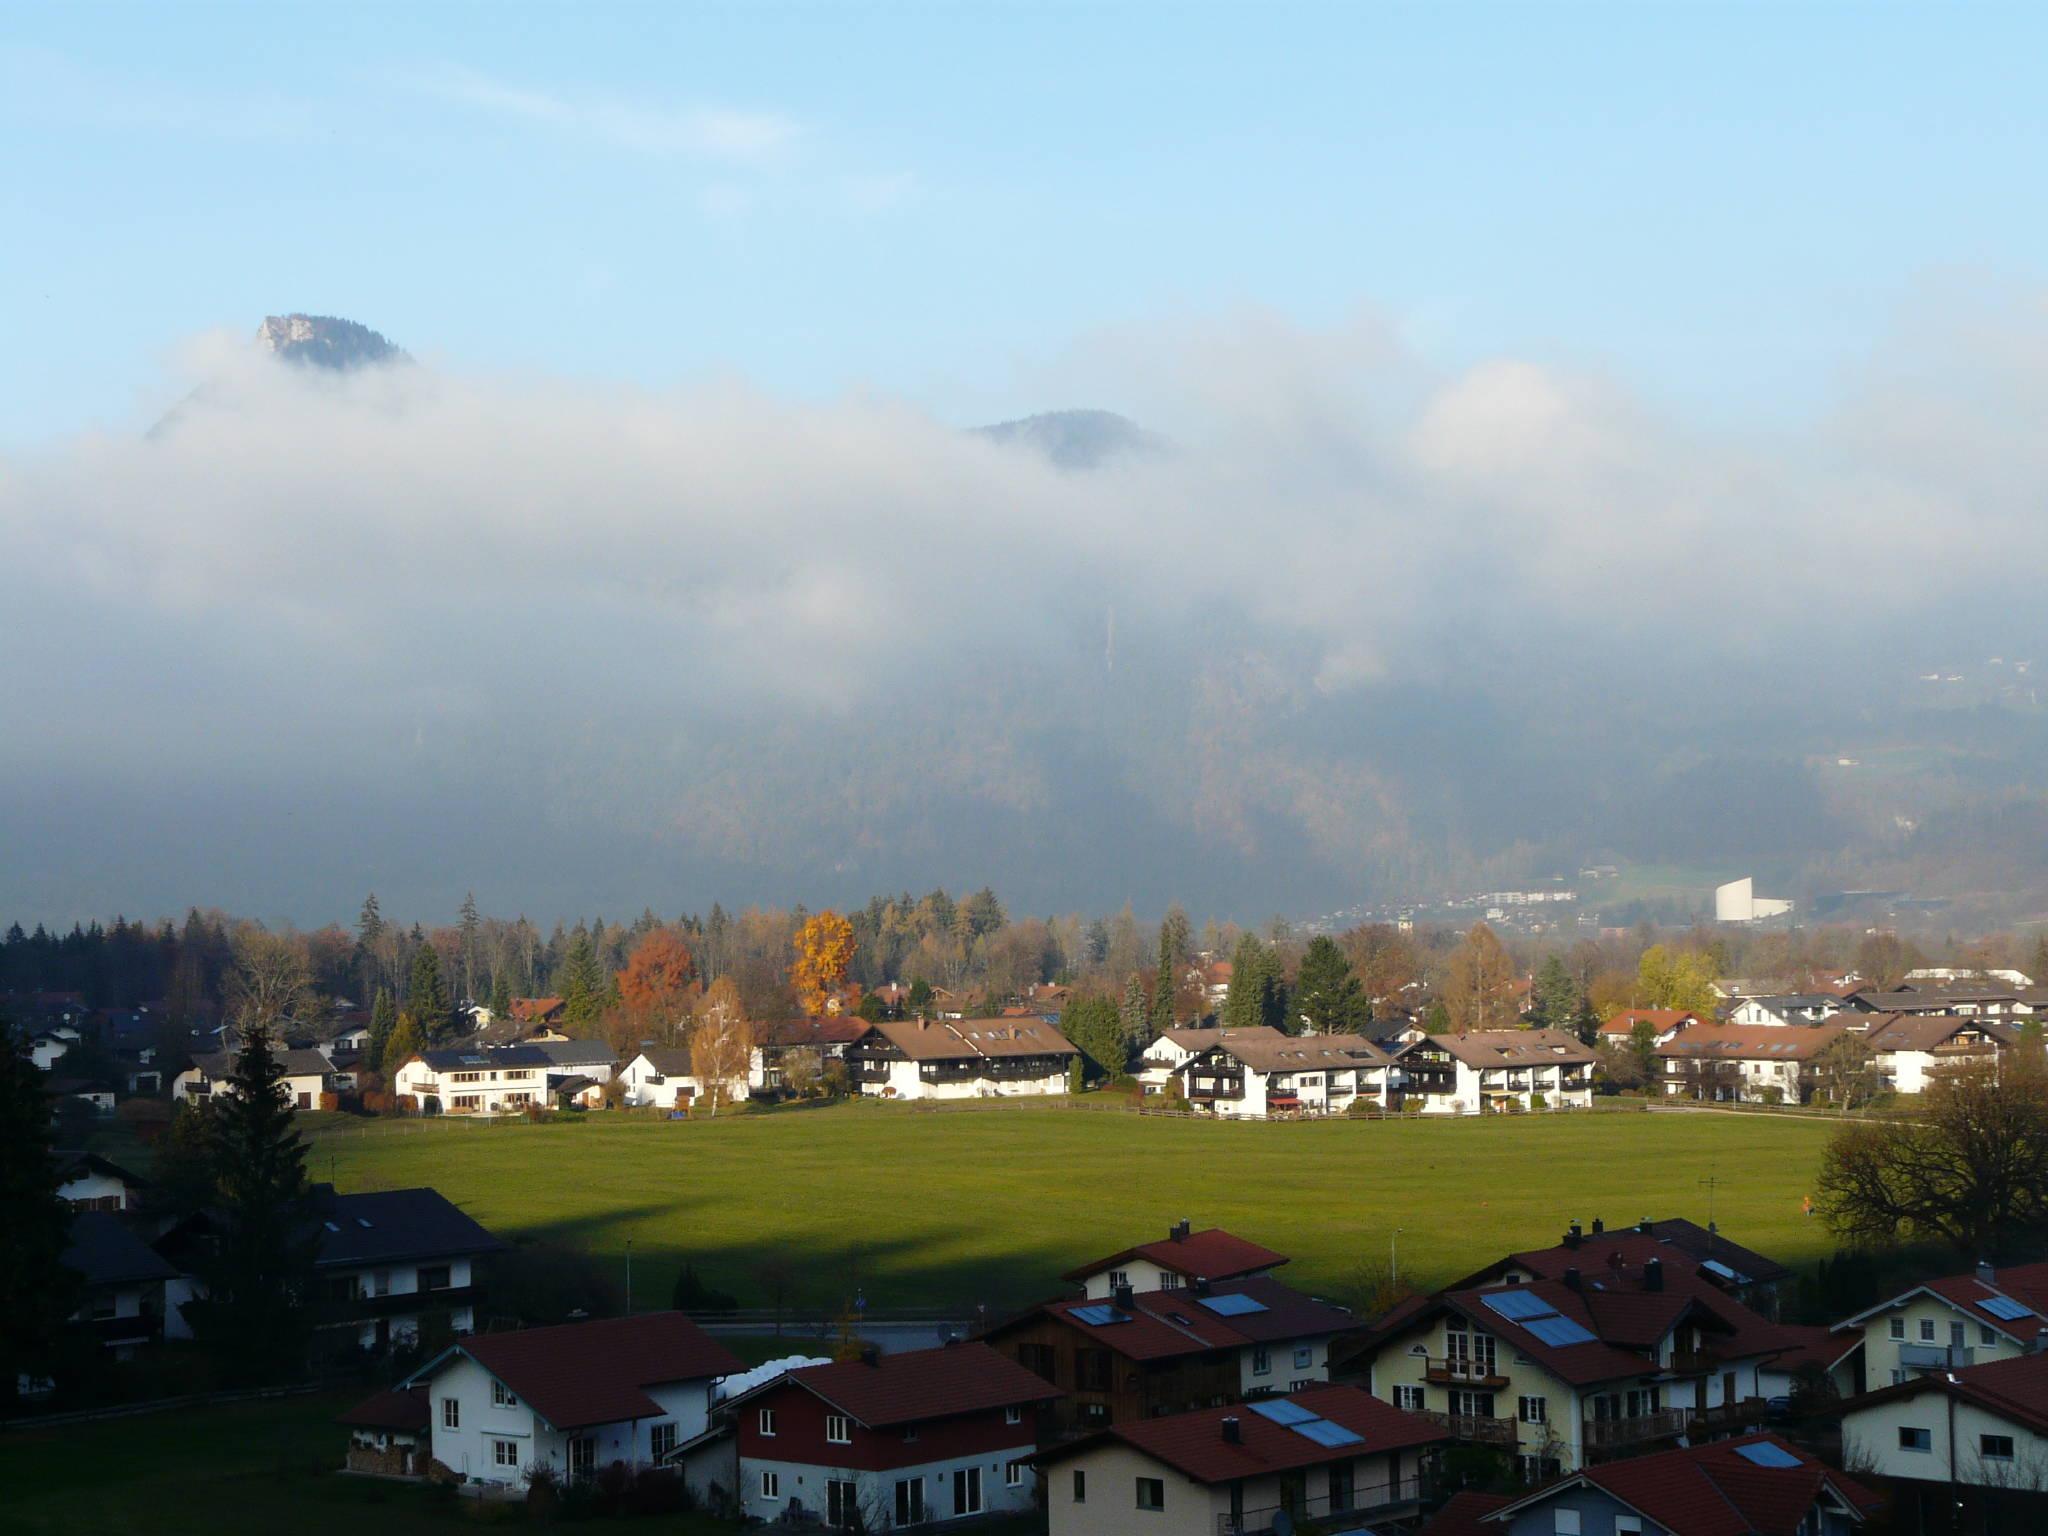 Ferienwohnung Bergschlössl - Wohnung 20 - Umgebungsbild